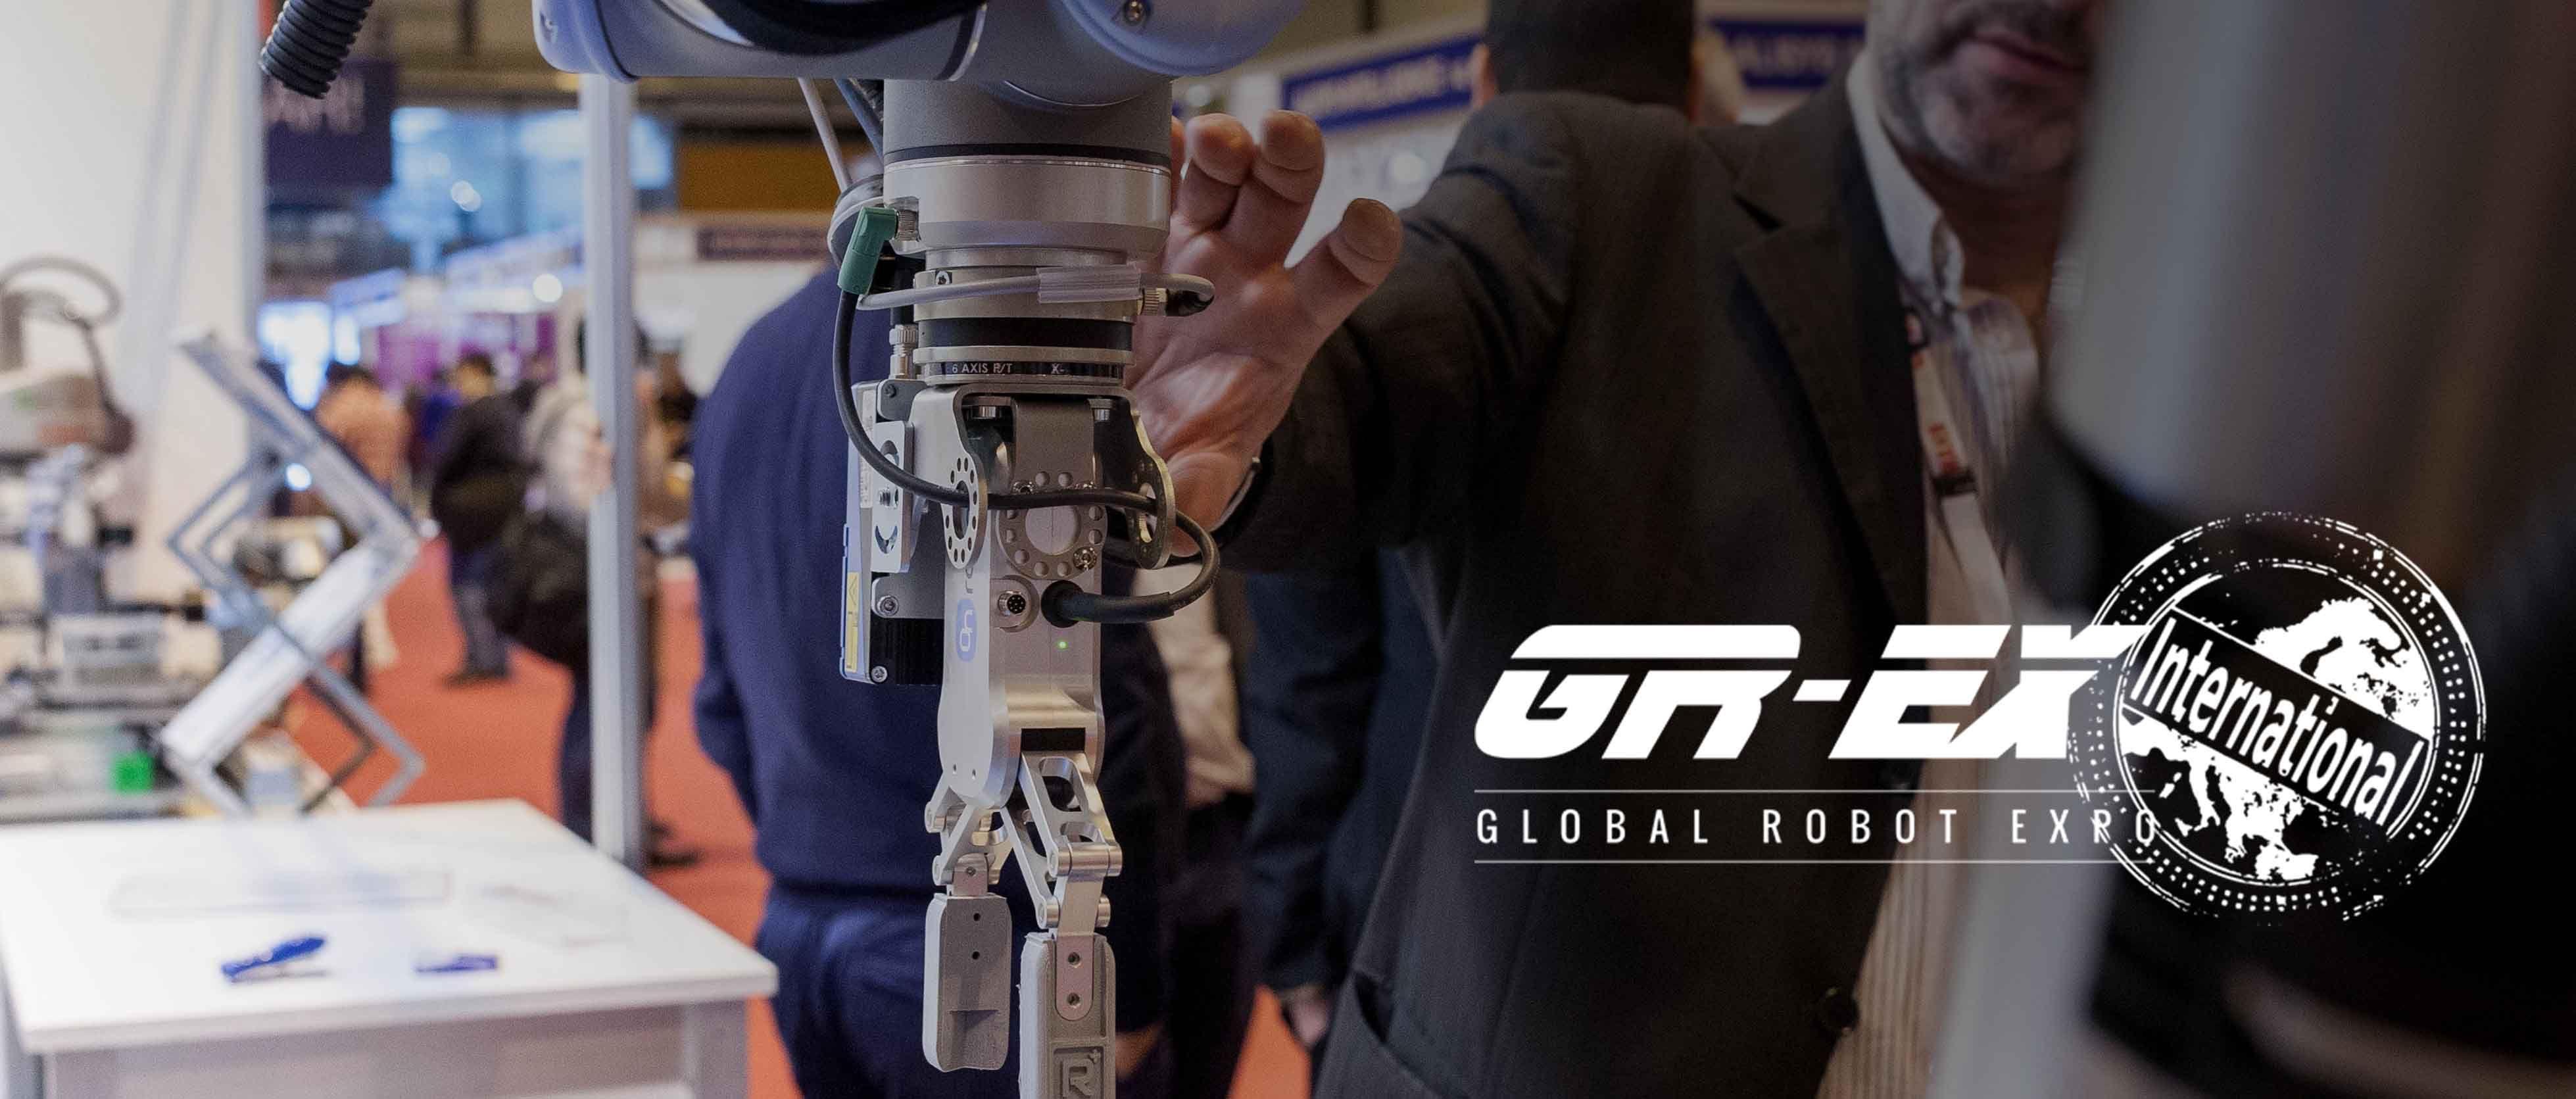 Foto de Universal Robots en Global Robot Expo